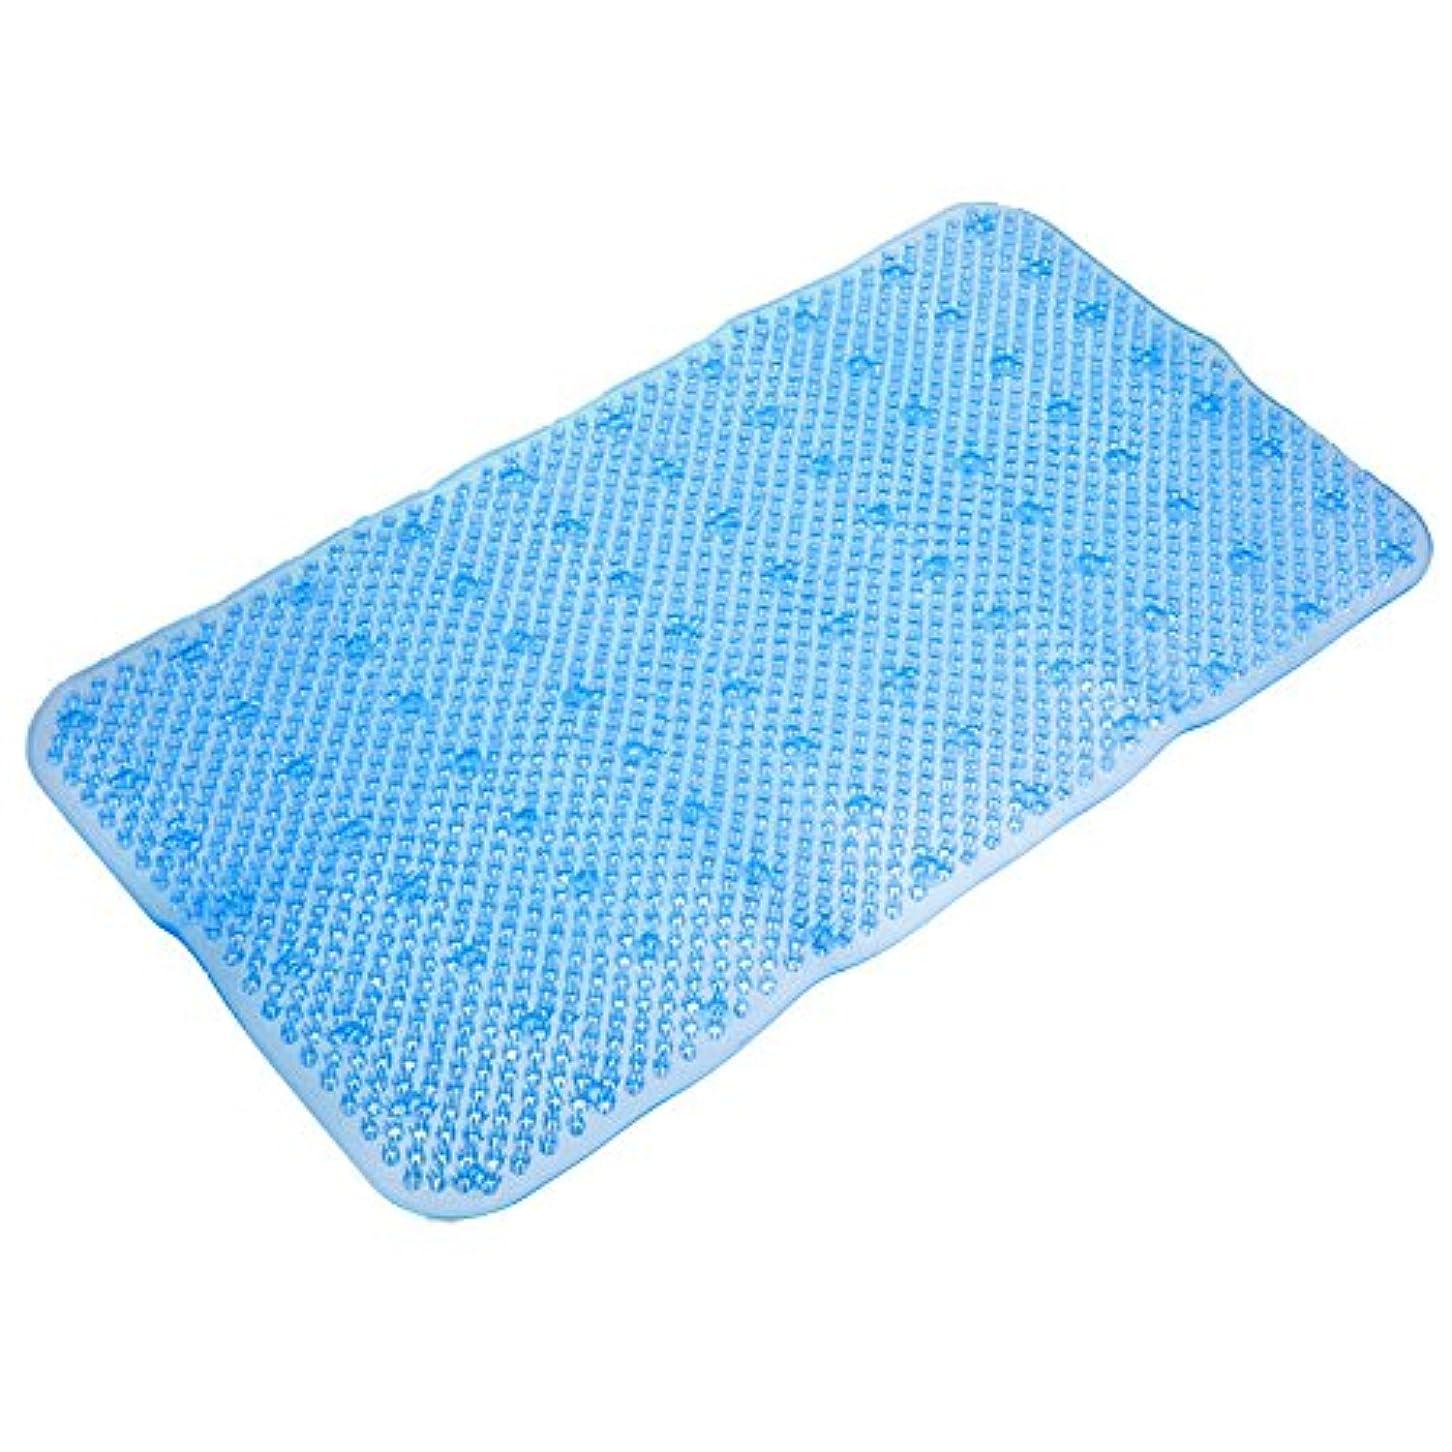 お嬢アメリカ大学院便利な pvc 34 × 64 センチ非スリップ風呂浴室シャワー トイレ アンチスリップフロアマット吸引吸盤パッド足マッサージ の敷物5色-青い